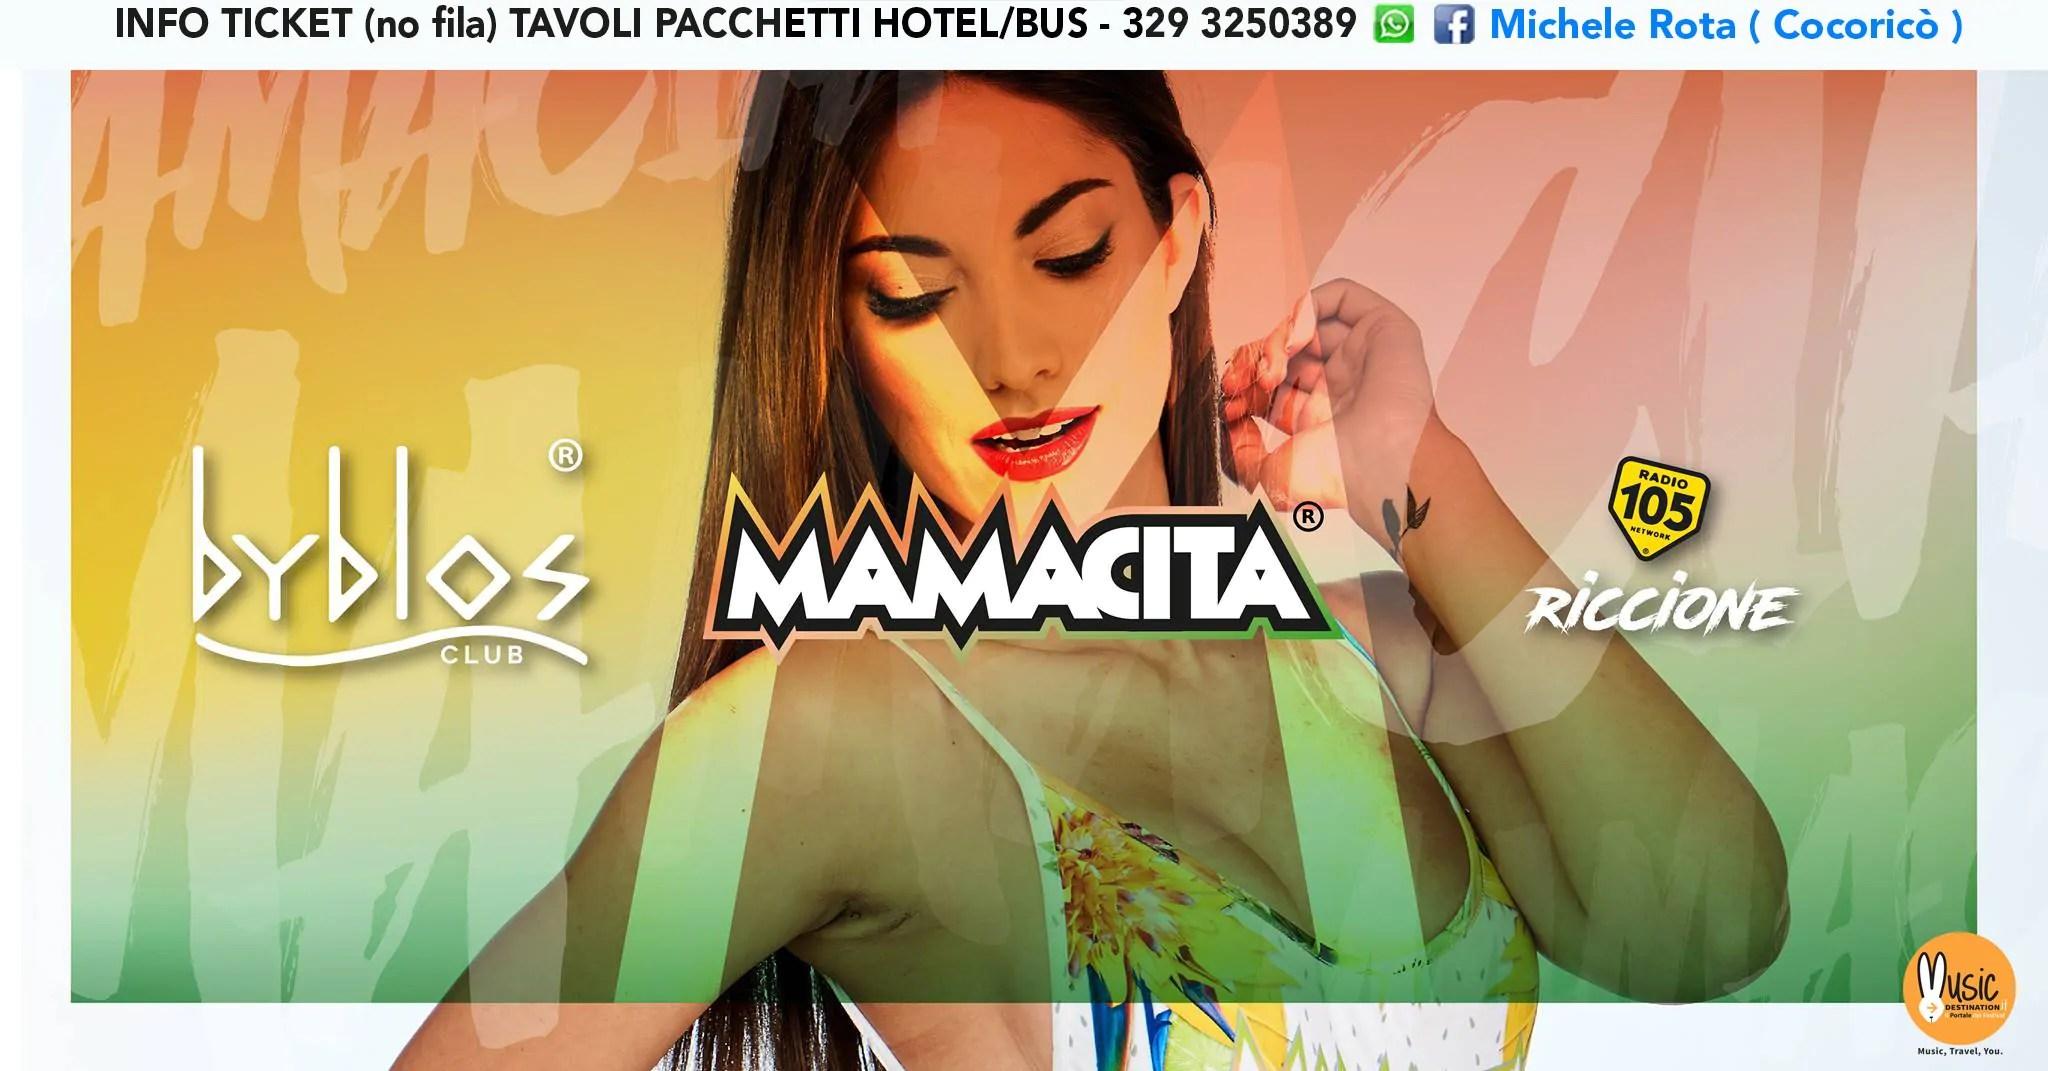 Mamacita al Byblos Riccione – Martedì 17 Luglio 2018 | Ticket Tavoli Pacchetti hotel Prevendite